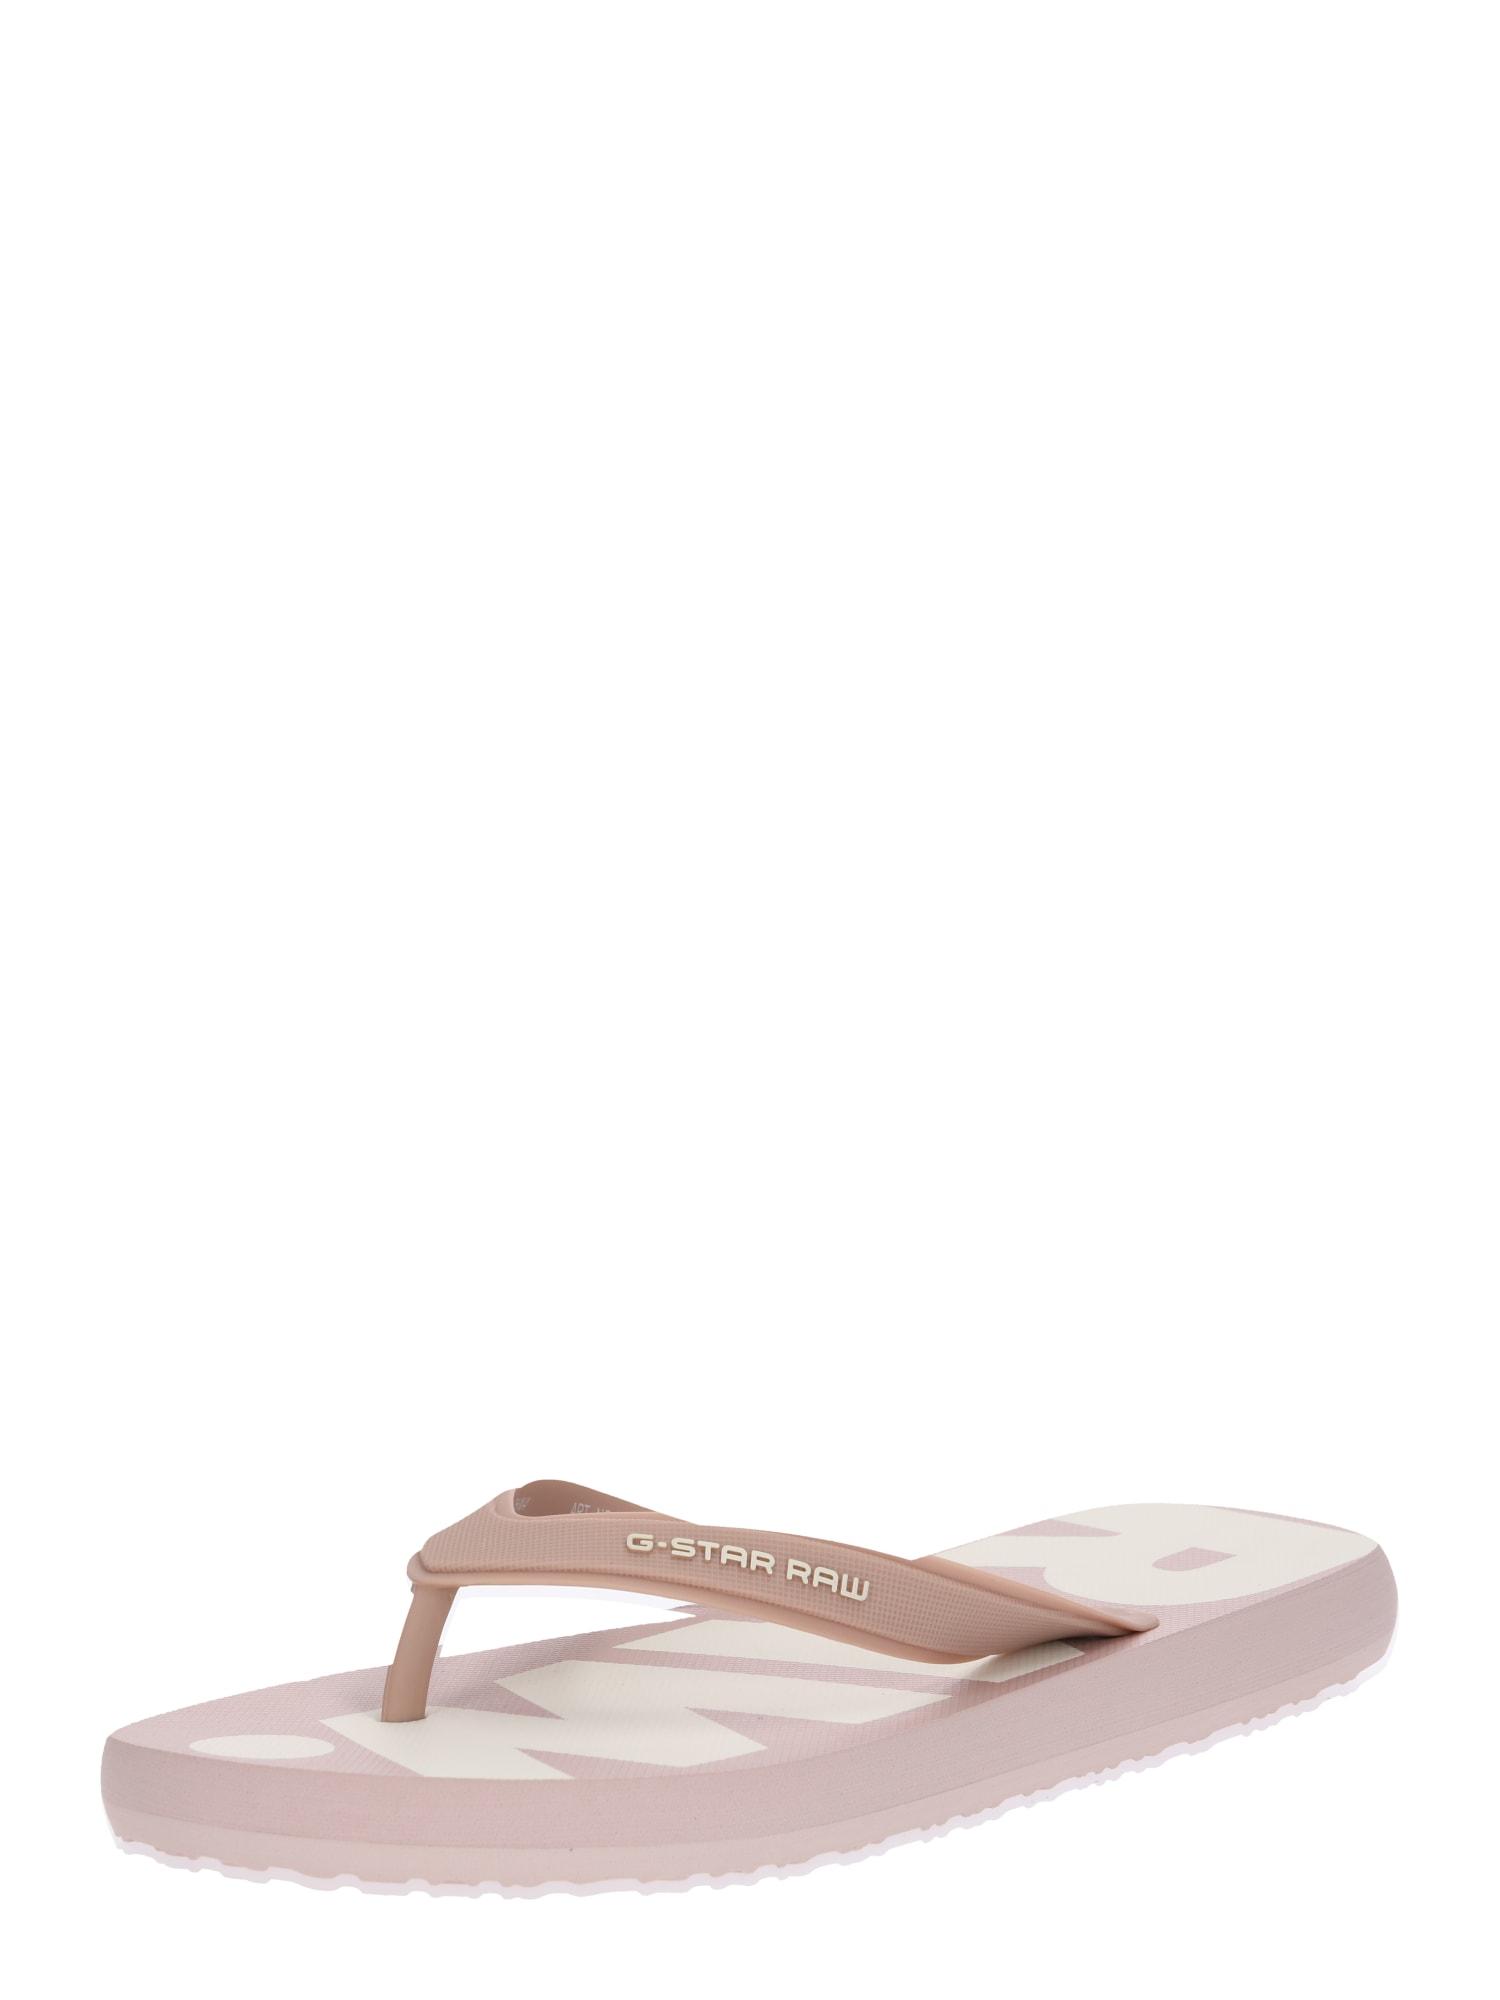 Pantofle Dend růžová bílá G-STAR RAW